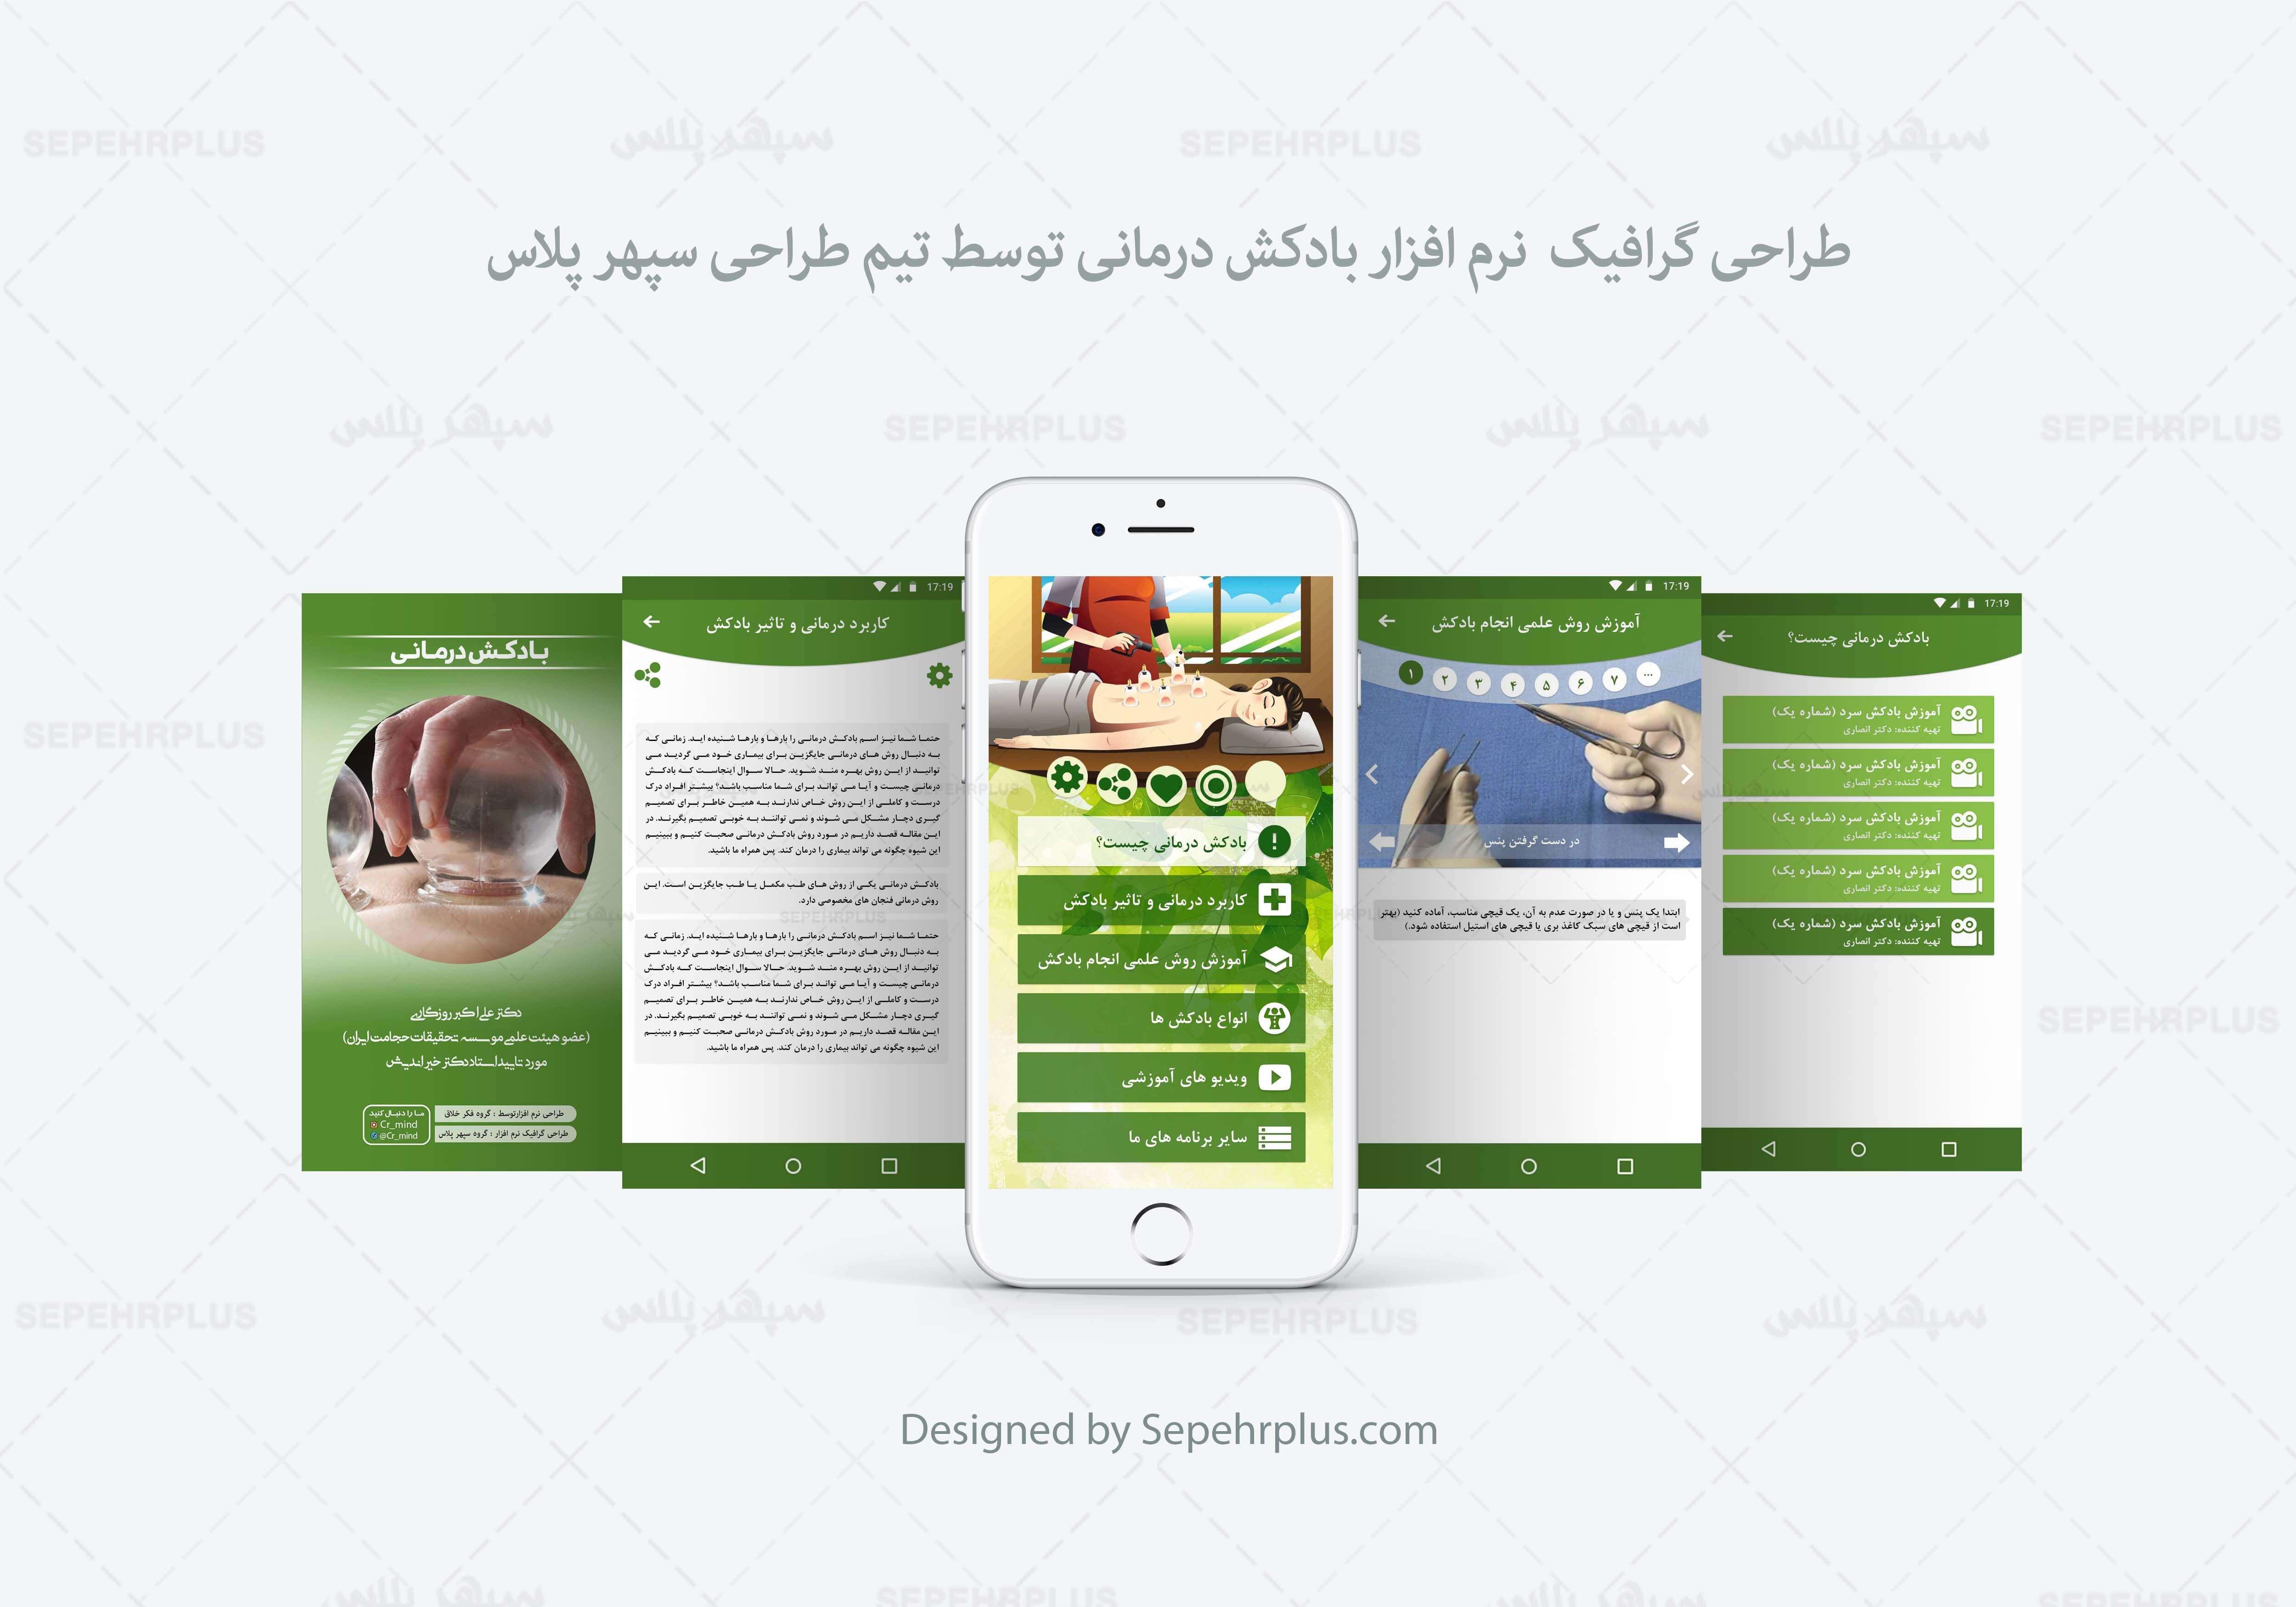 طراحی ui ux اپلیکیشن موبایل بادکش درمانی